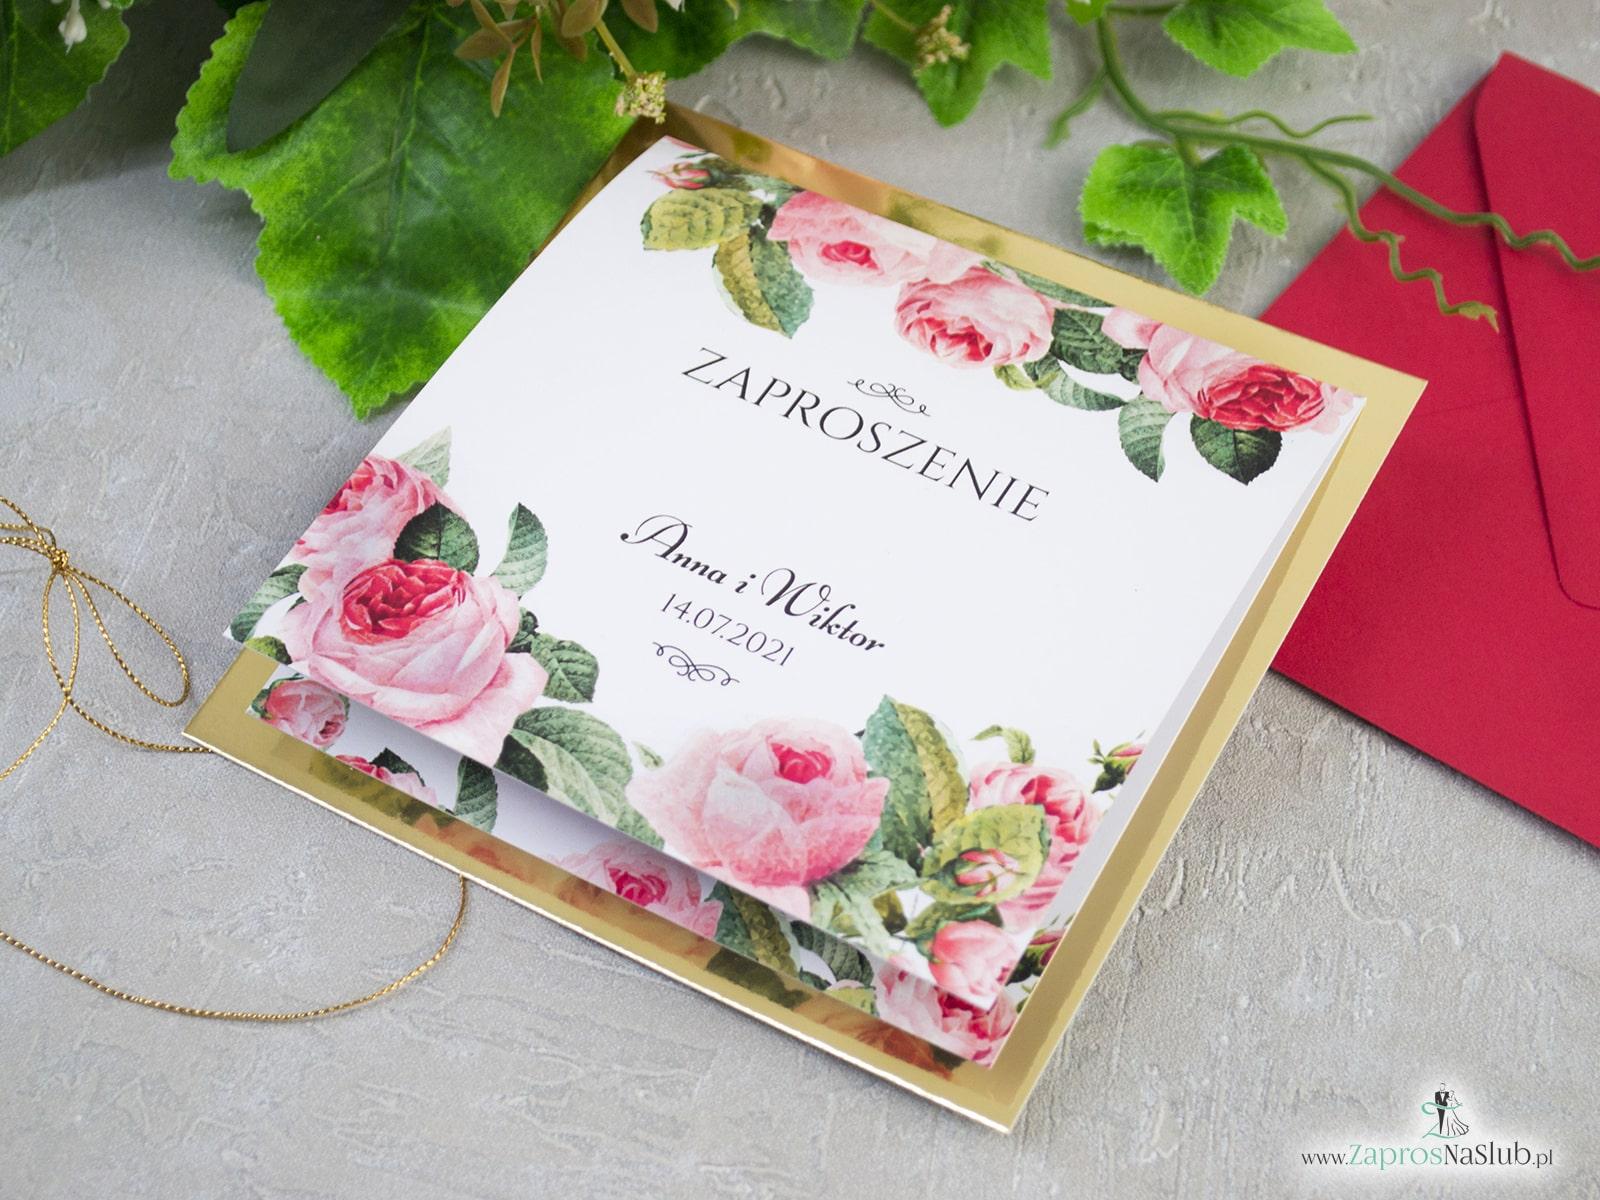 Eleganckie Zaproszenie ślubne. Zaproszenia na ślub, złoto, kwiaty, royal, złoty papier ZAP-110-min. ZaprosNaSlub